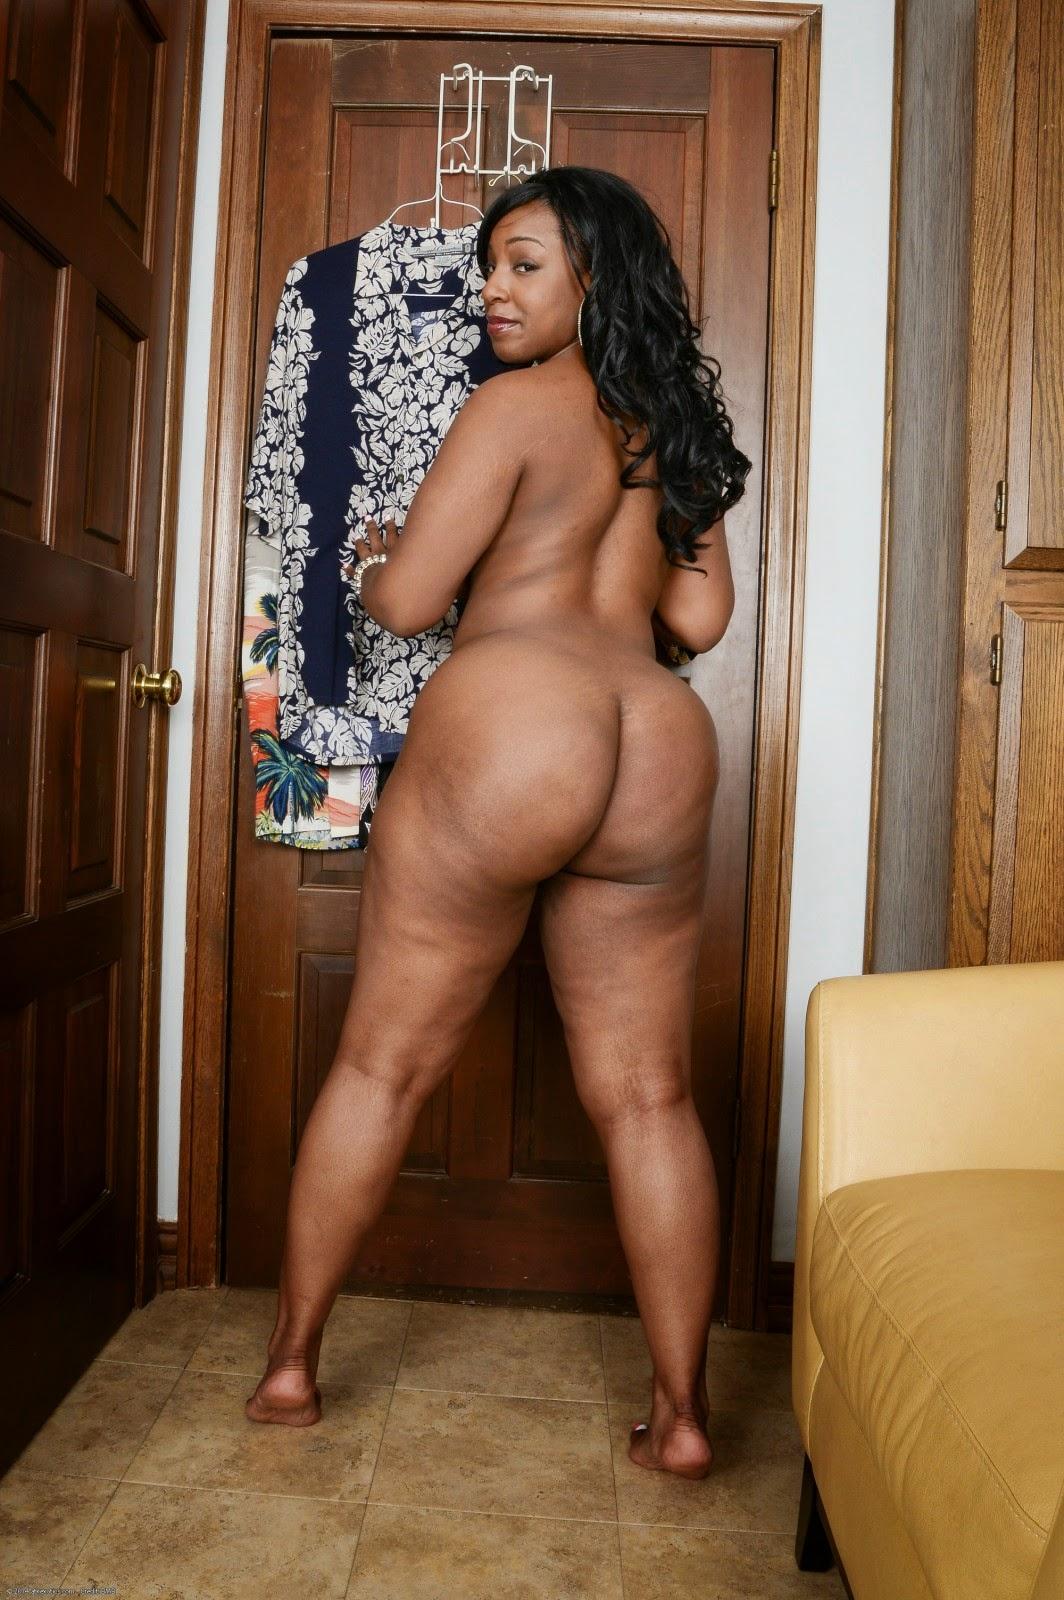 Assista Ao V Deo Porno Da Sensual Negra Gostosa Muito Gata Cherry